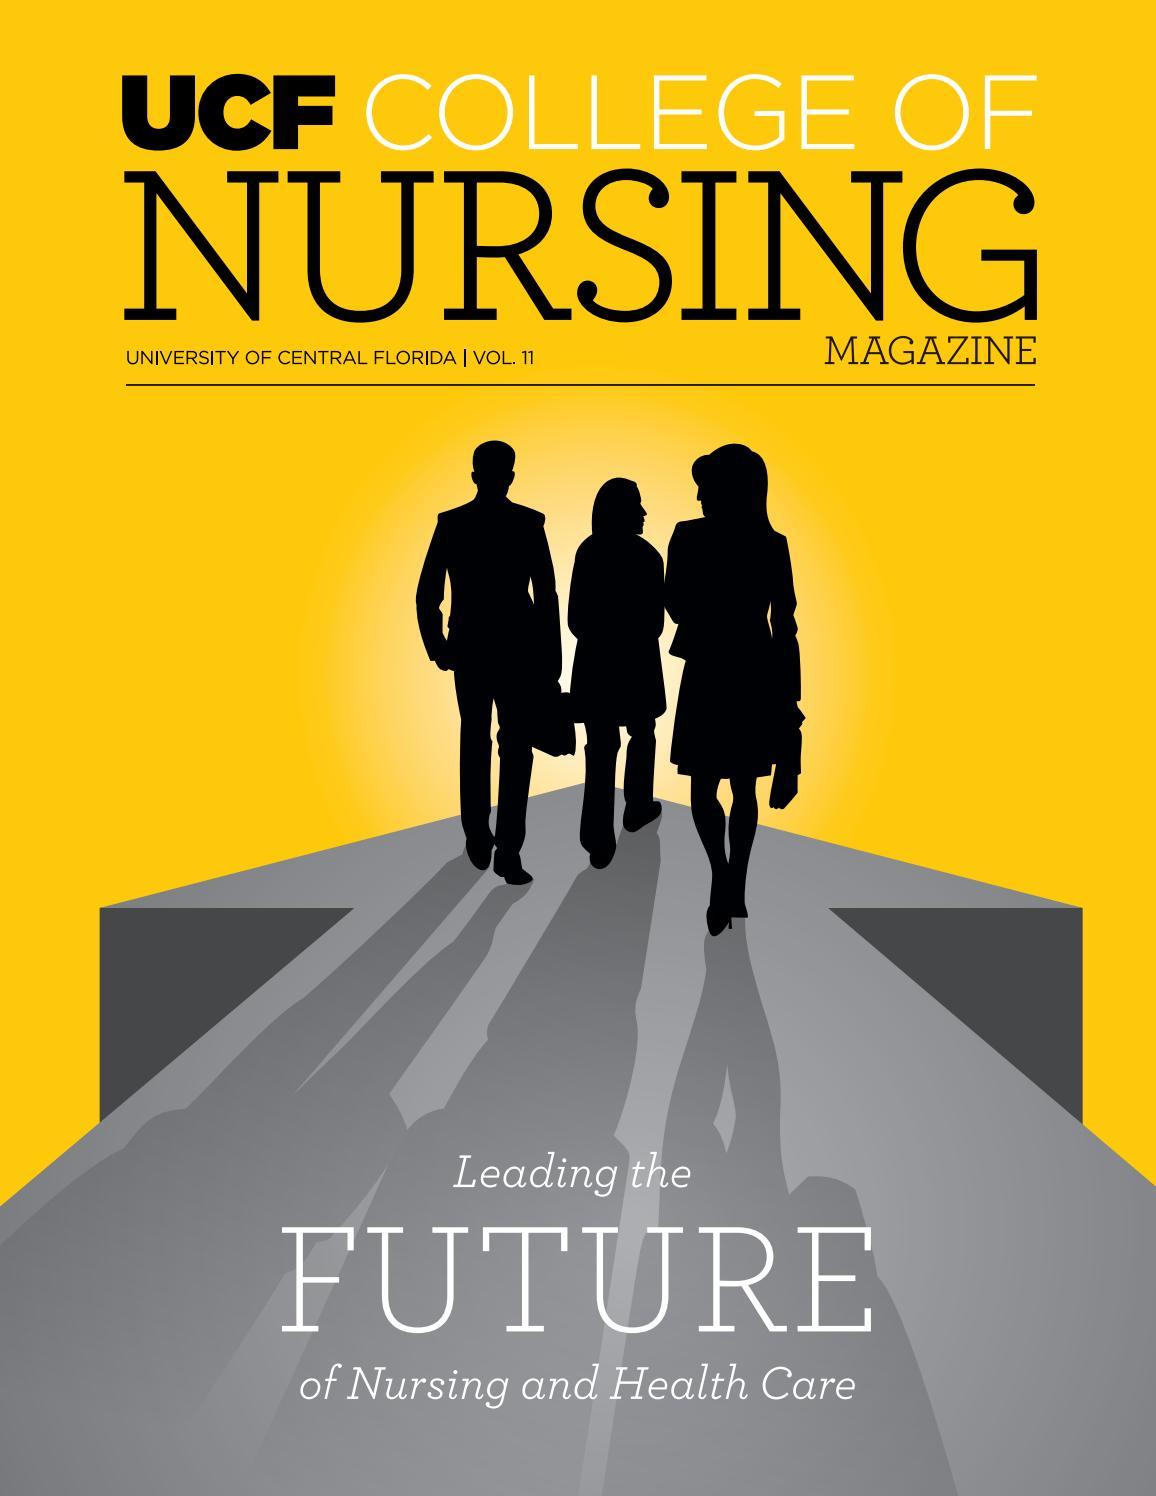 Ucf College Of Nursing >> 2016 Ucf Nursing Magazine Vol 11 By Ucf College Of Nursing